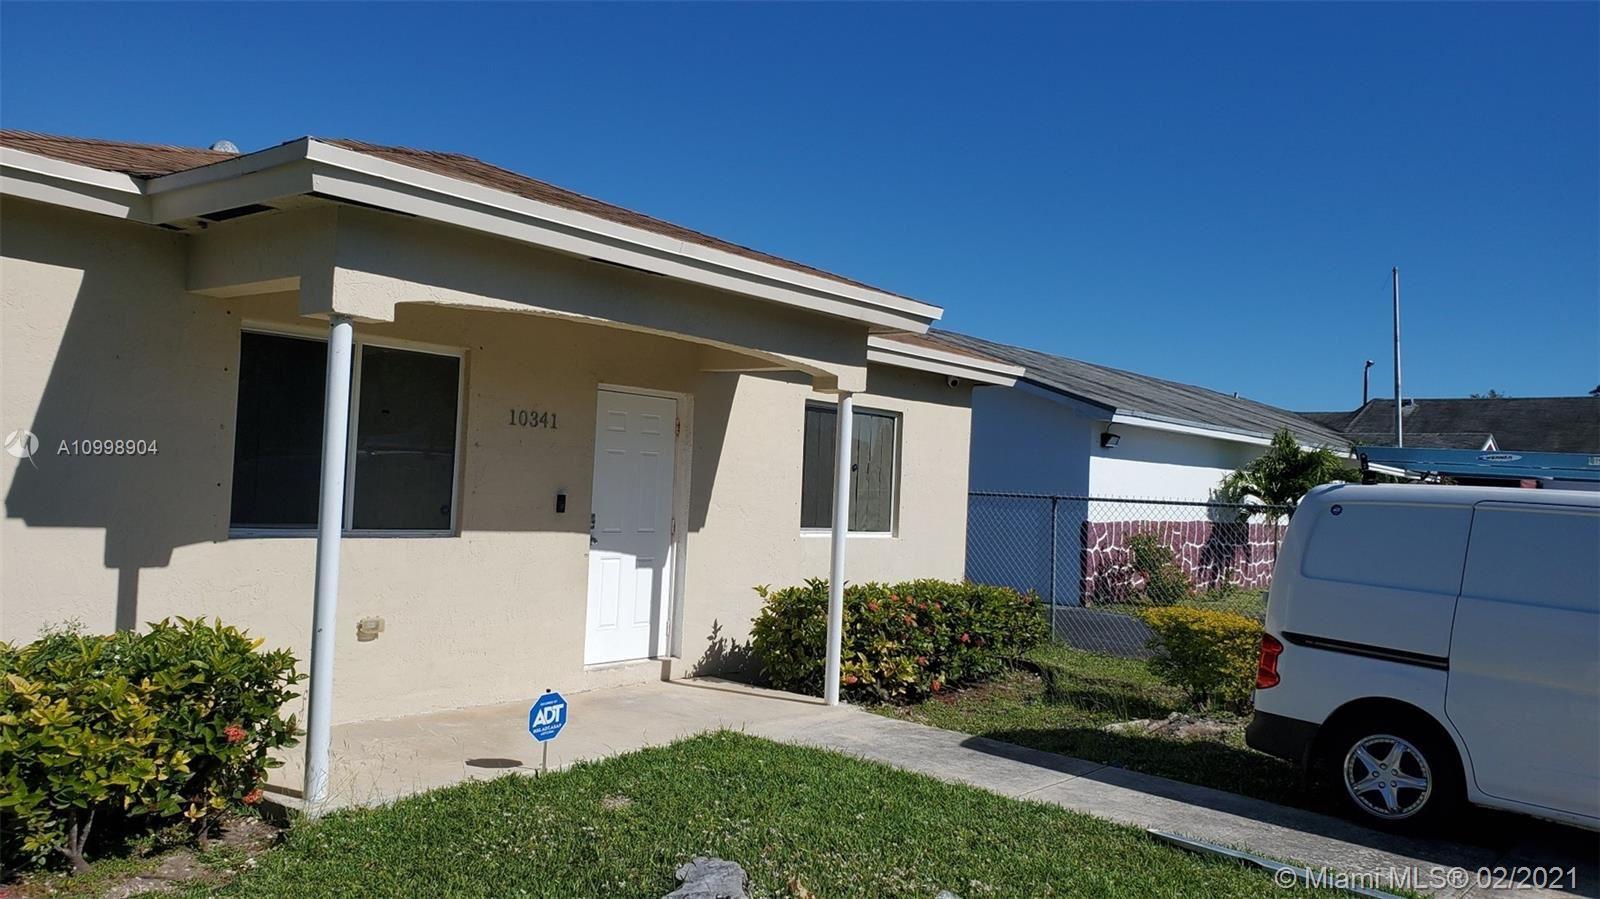 10341 SW 179th St, Miami, FL 33157 - #: A10998904